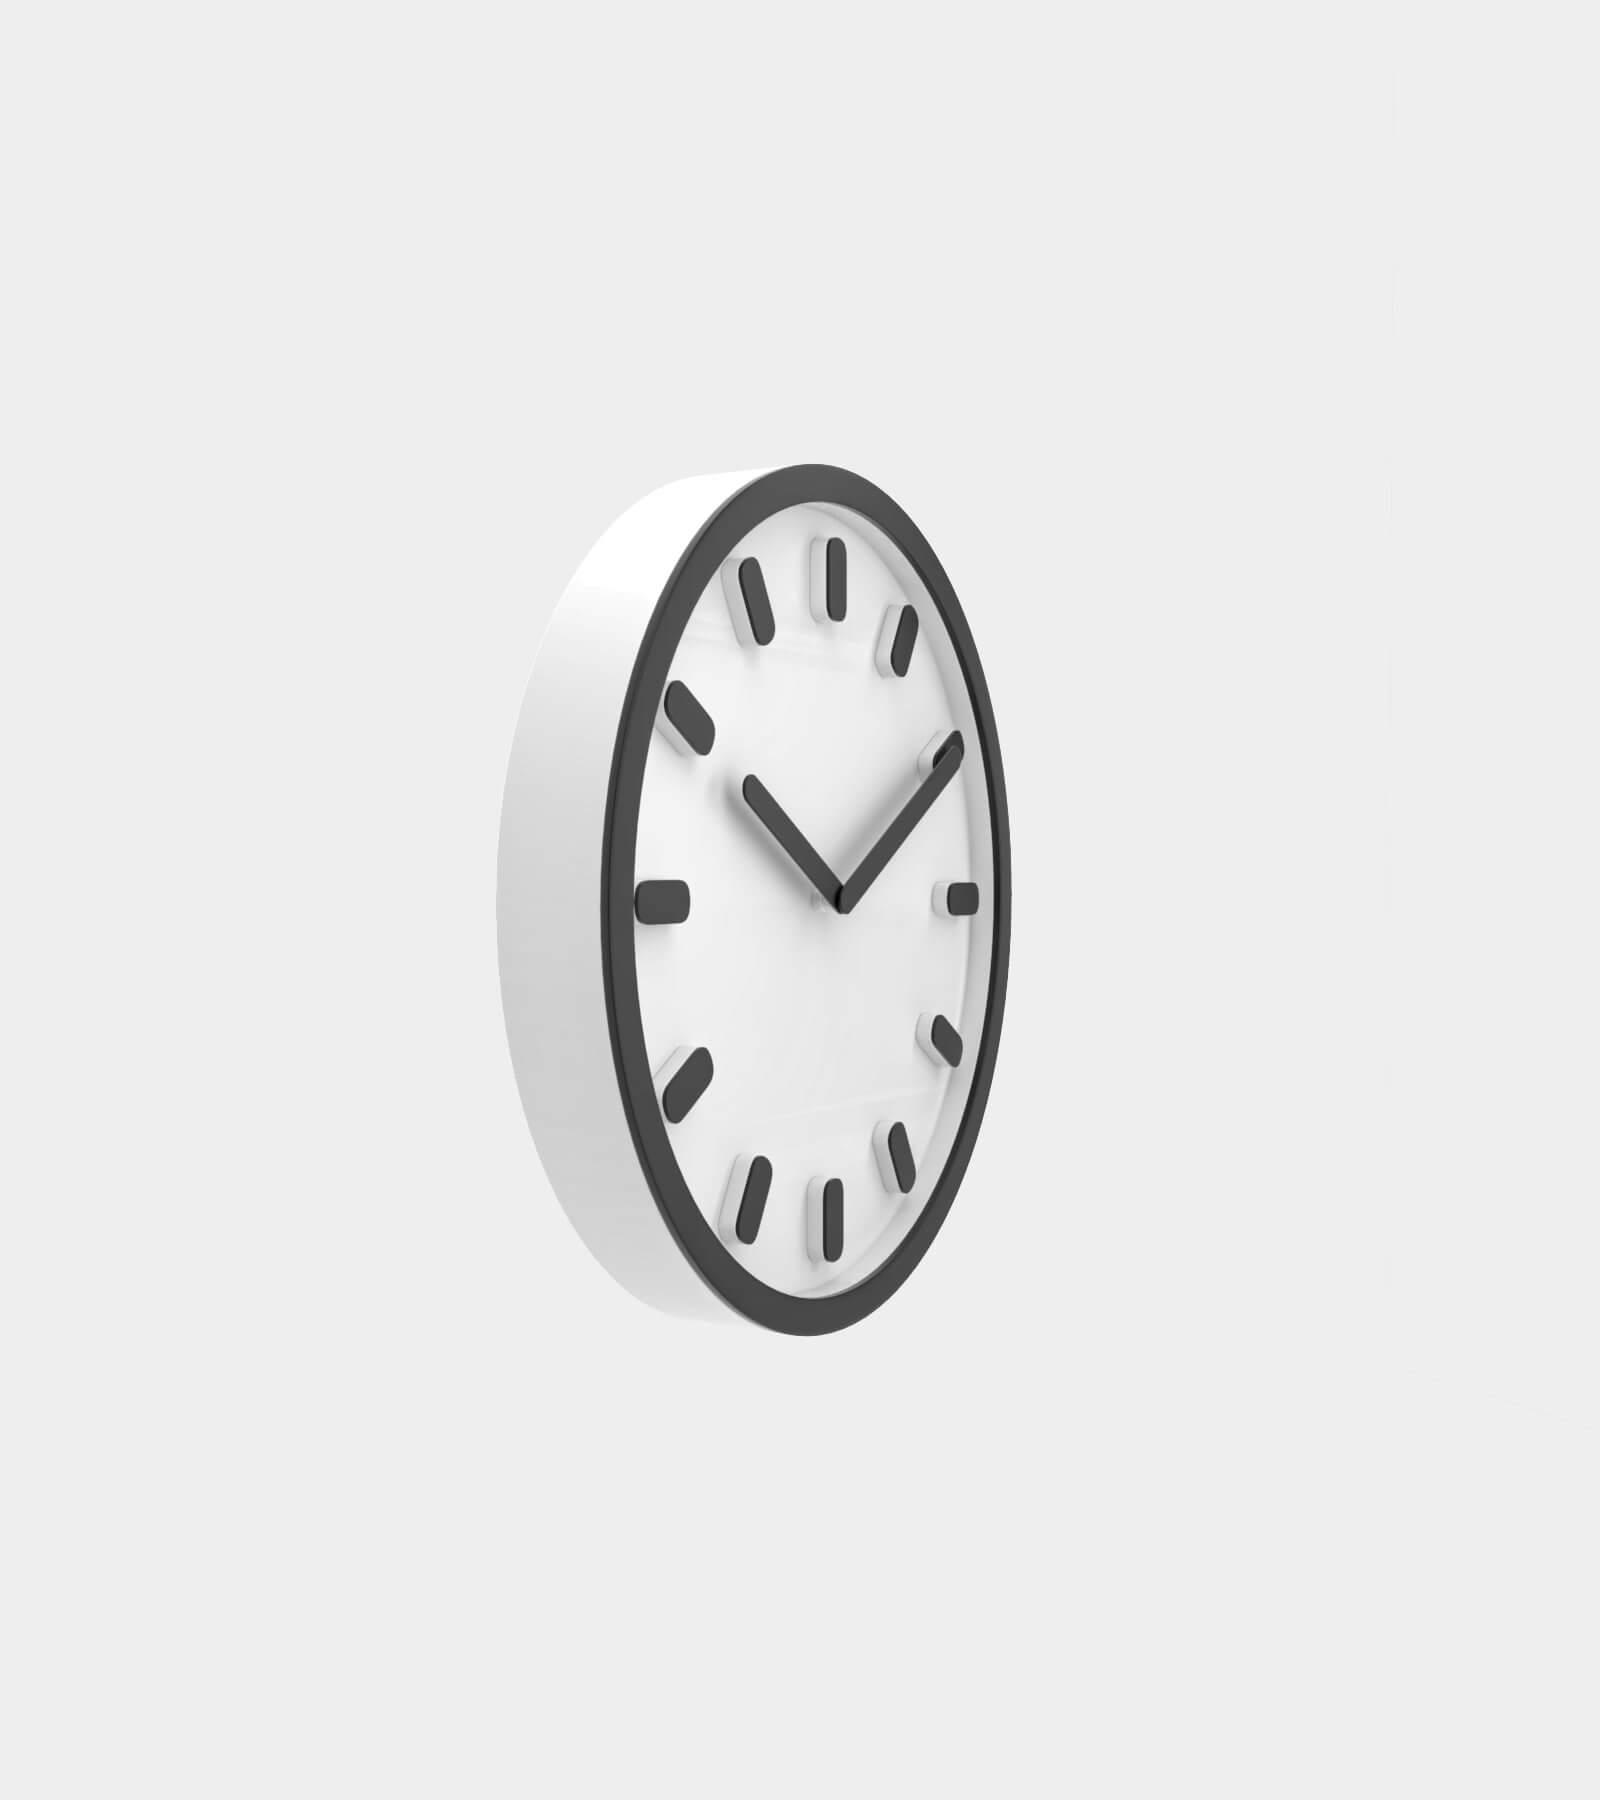 Wall clock 2- 3D Model